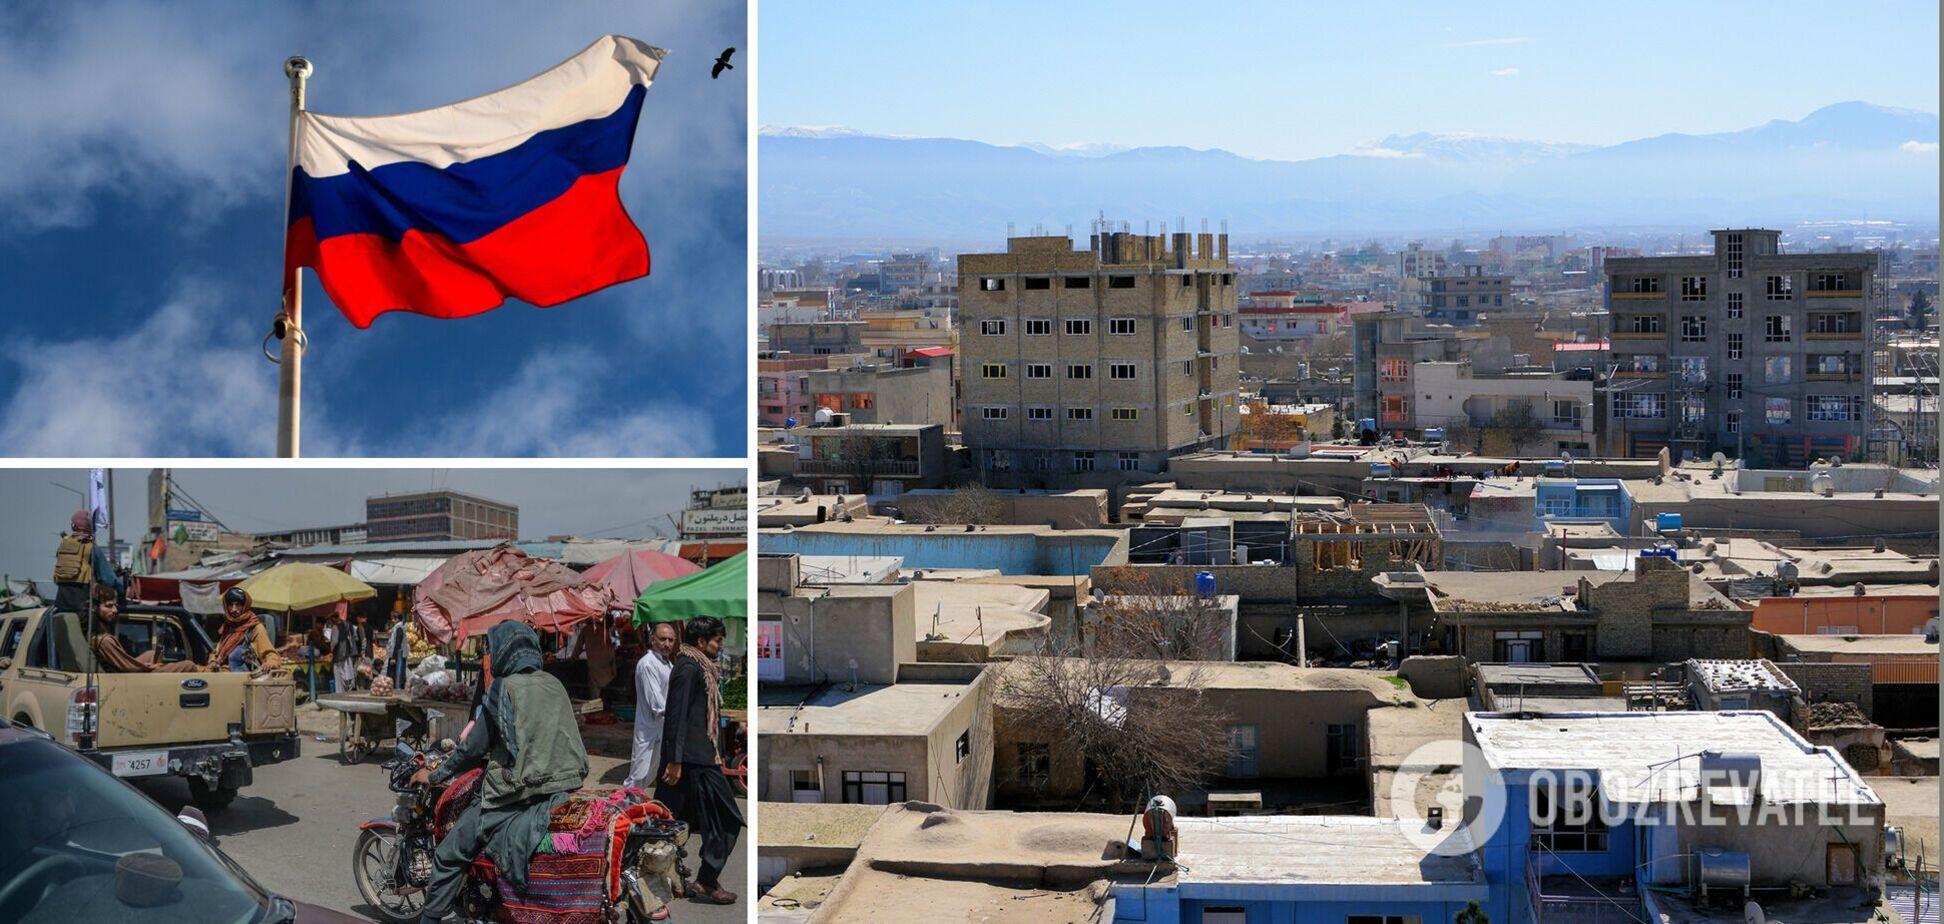 'Талибан' отличается странными обычаями и законами